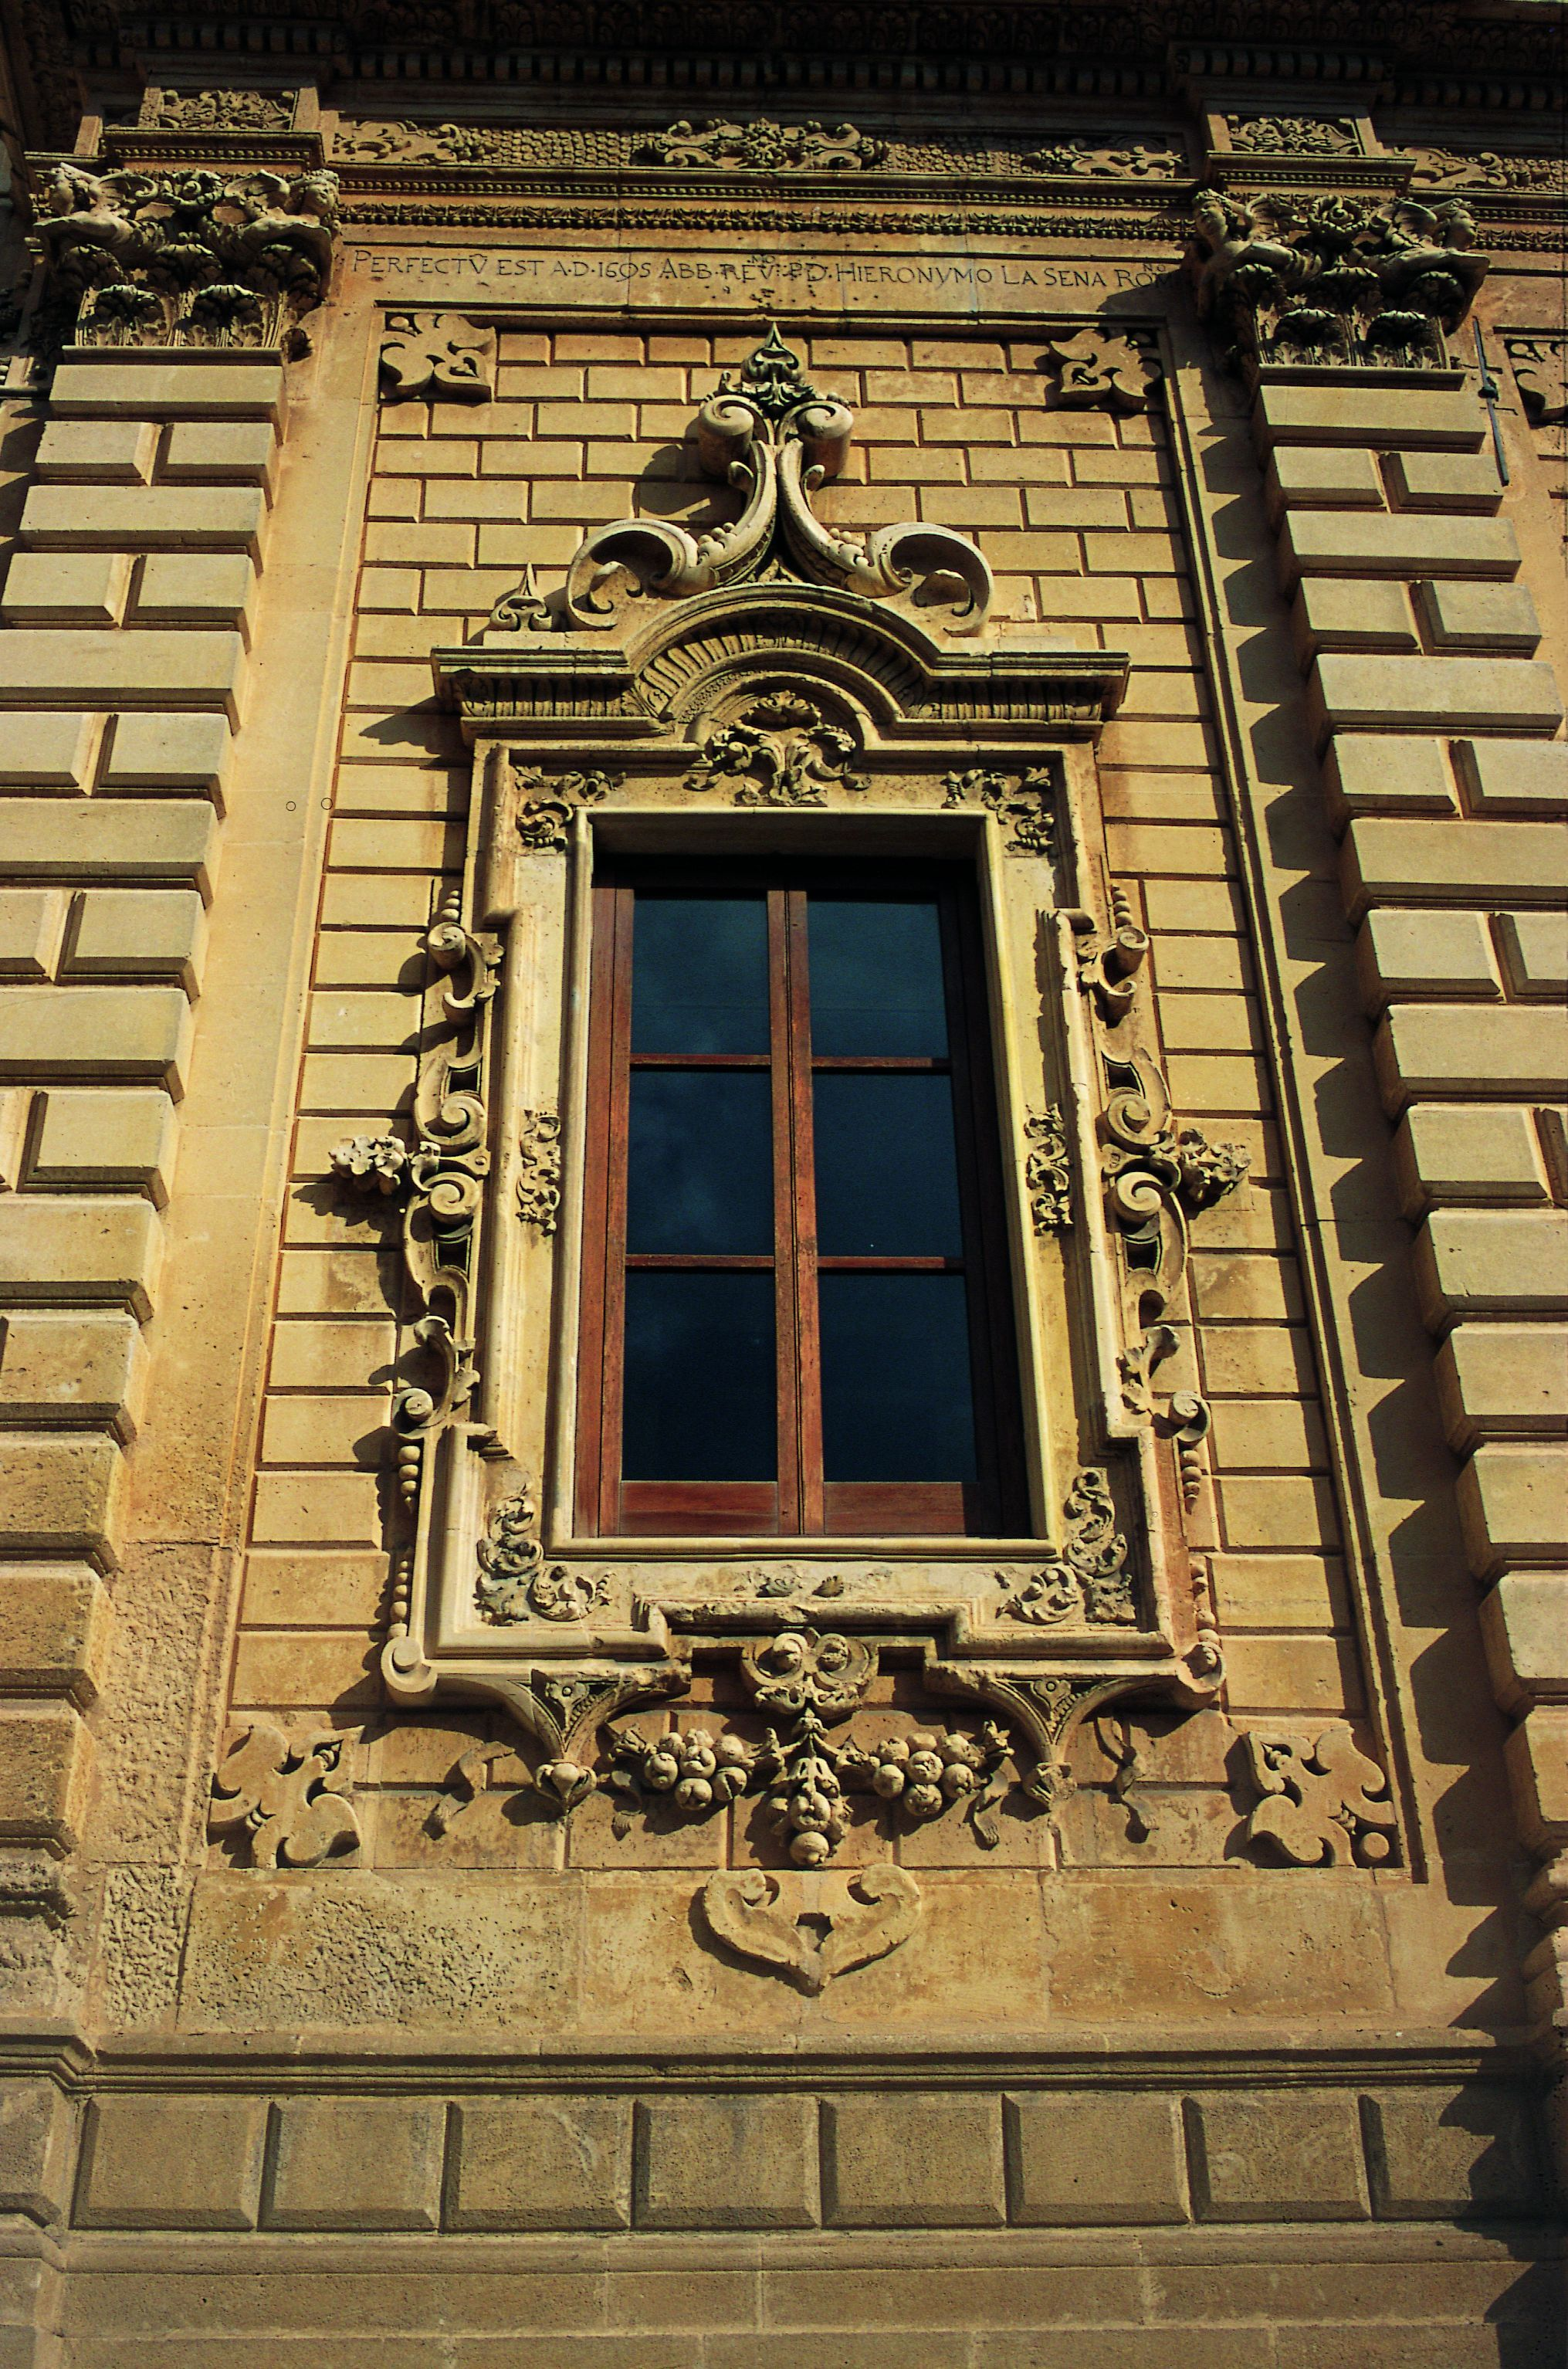 Lecce finestra barocca baroque window in lecce italy for Baroque architecture in italy